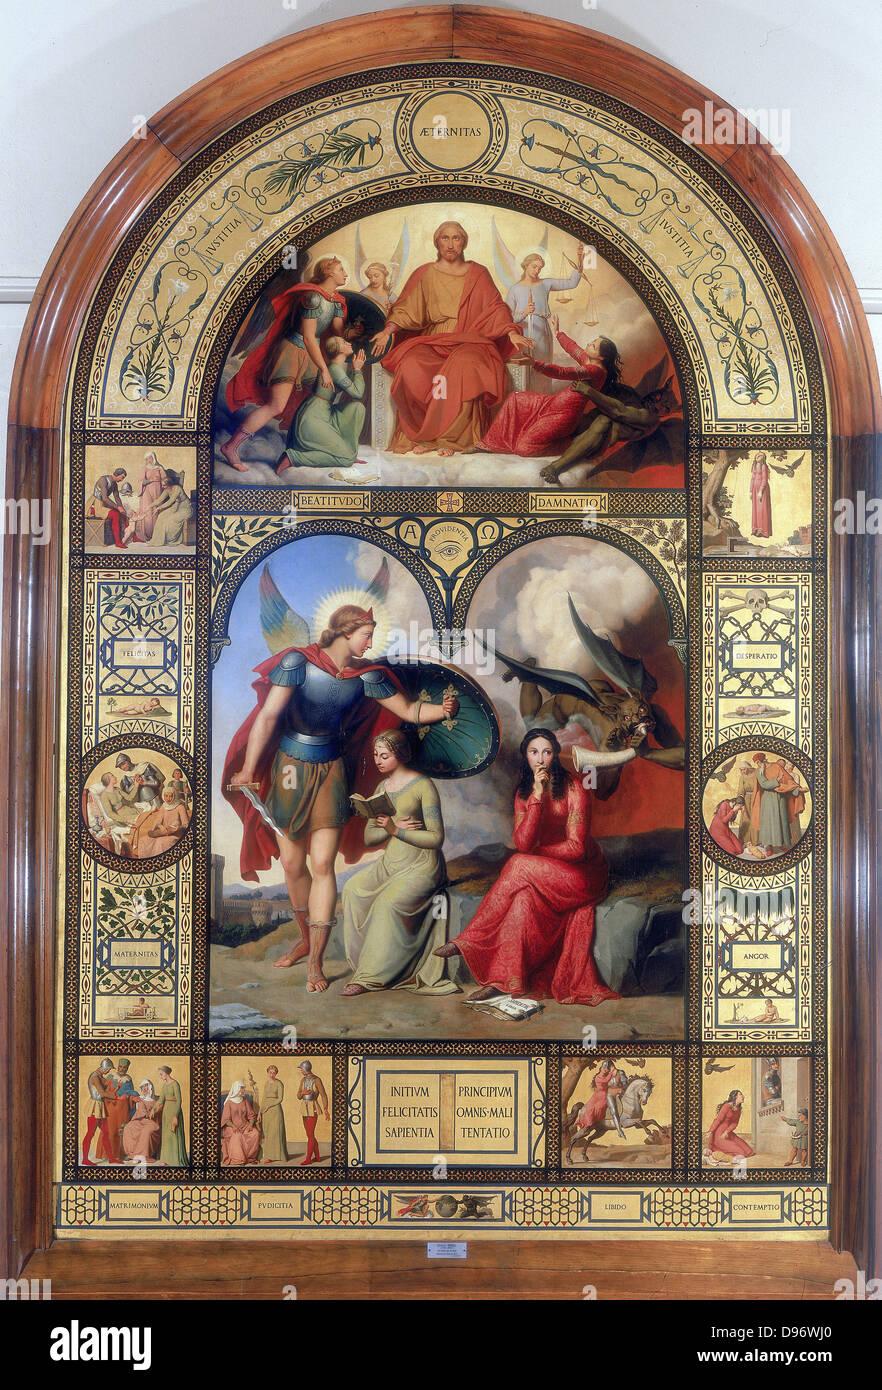 """Il bene e il male"""". Andre Jacques Victor ORSEL (1795-1850), pittore francese. Immagini Stock"""